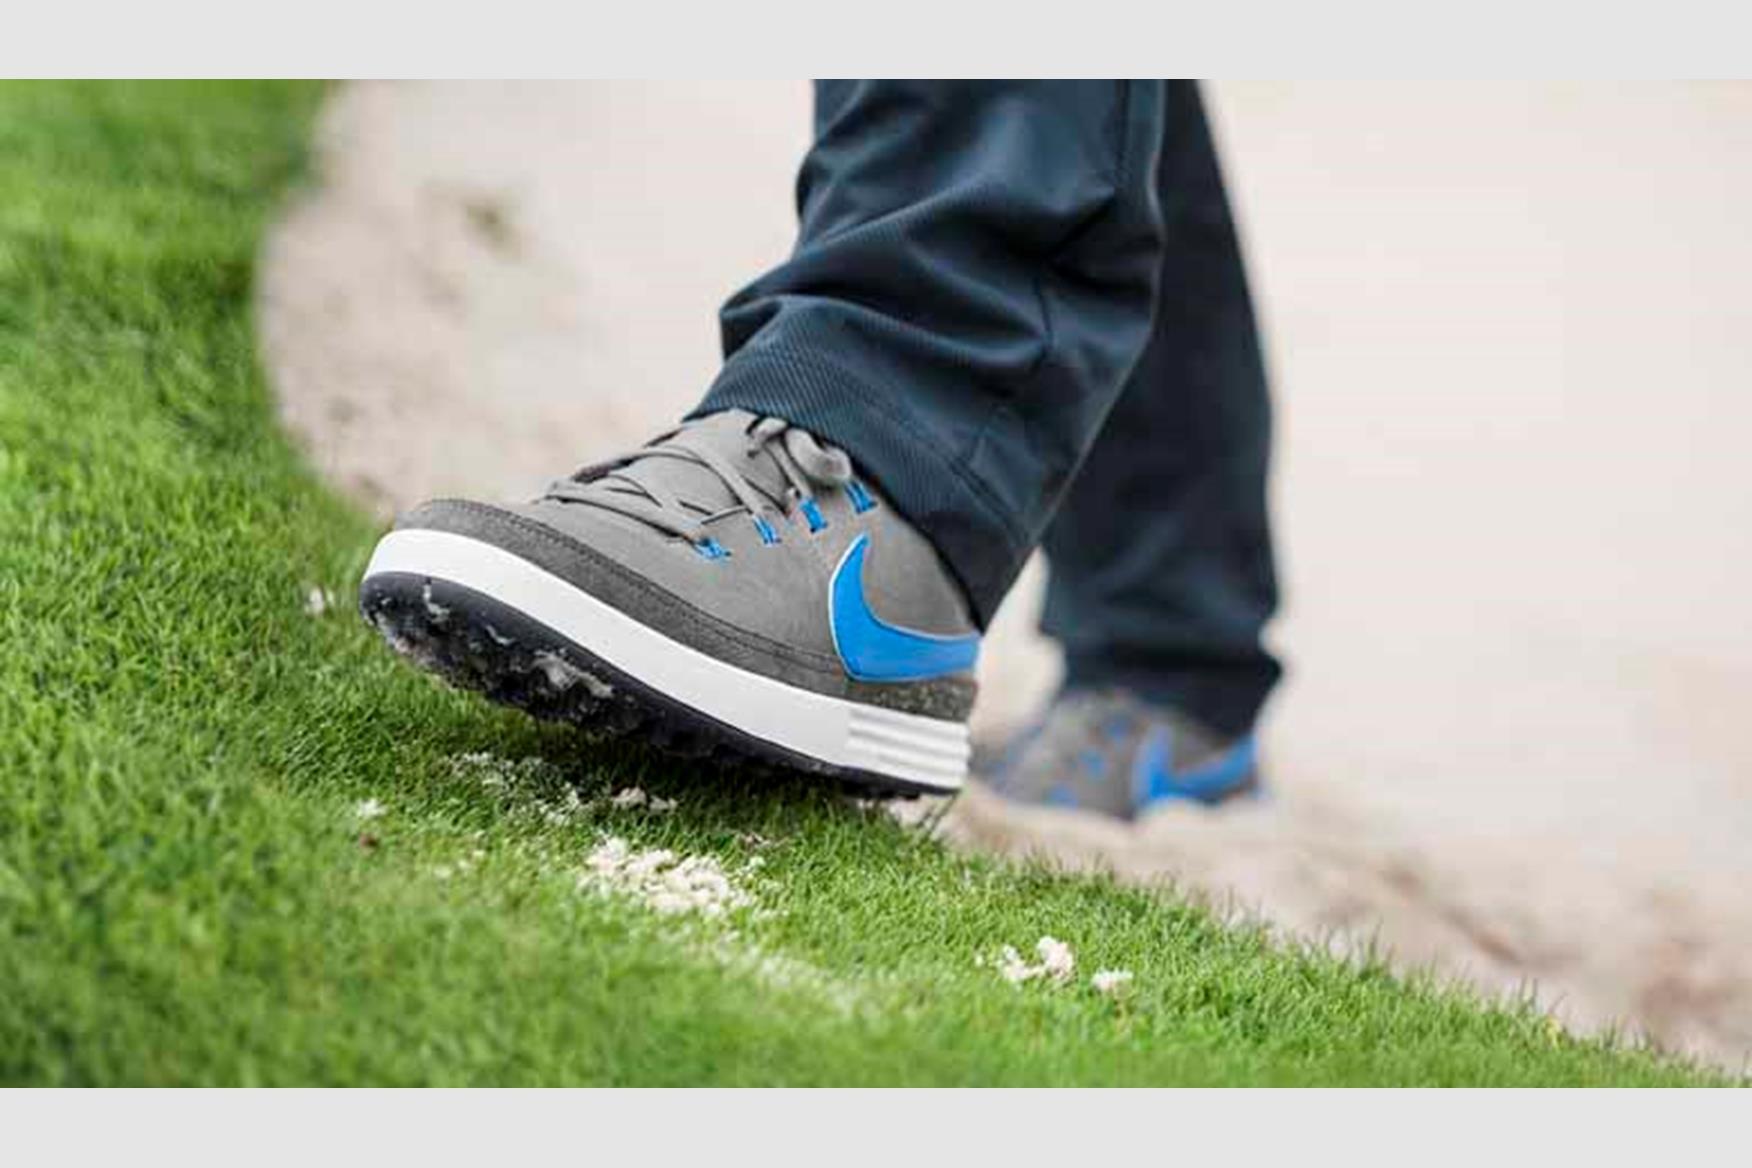 Surichinmoi Curso de colisión pesadilla  Nike Lunar Mont Royal Golf Shoes Review   Equipment Reviews   Today's Golfer